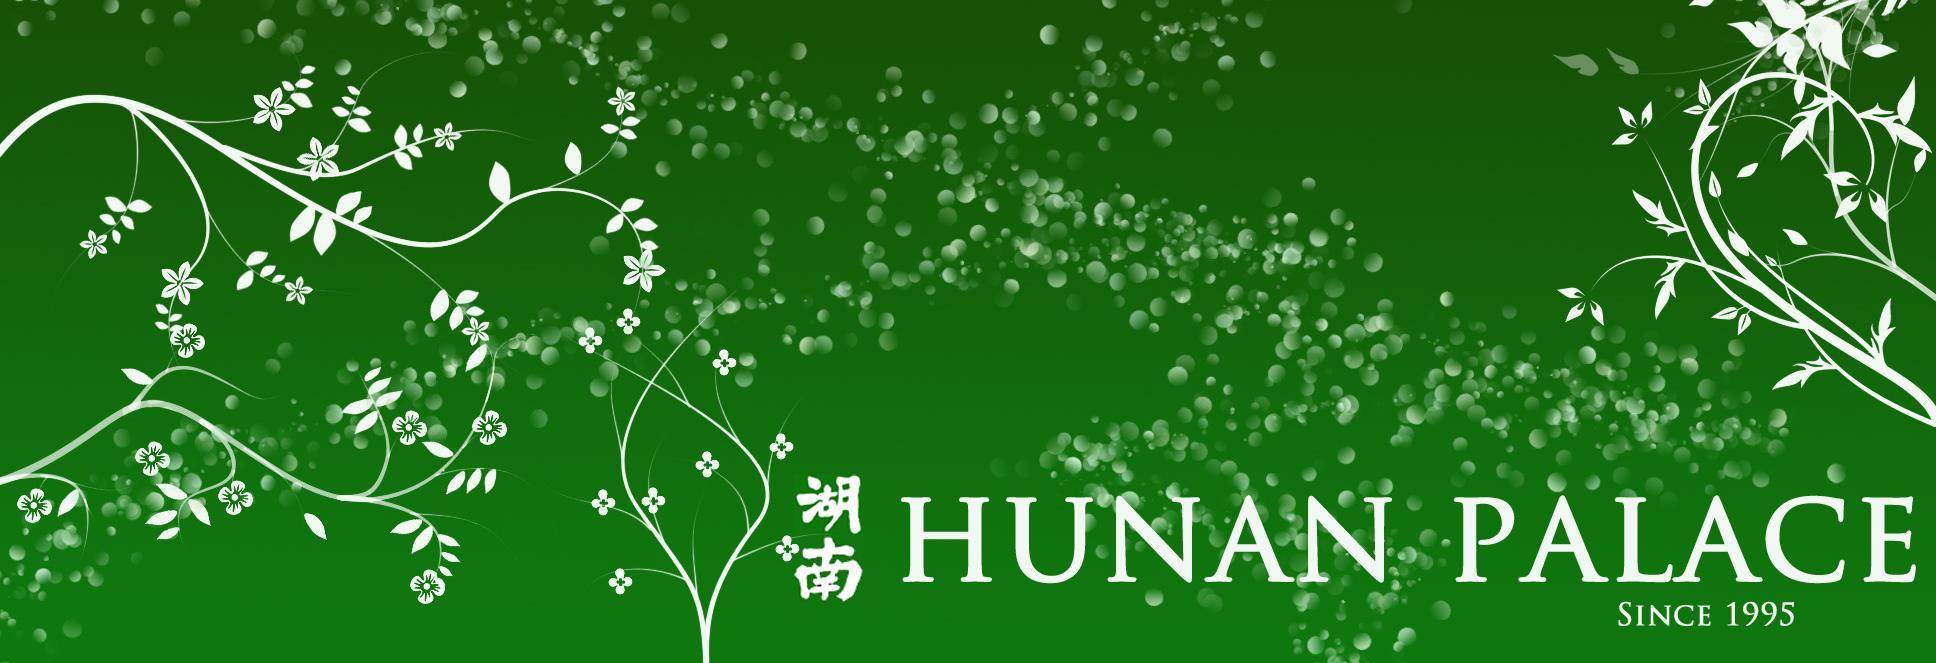 Hunan Palace in Everett, WA banner image